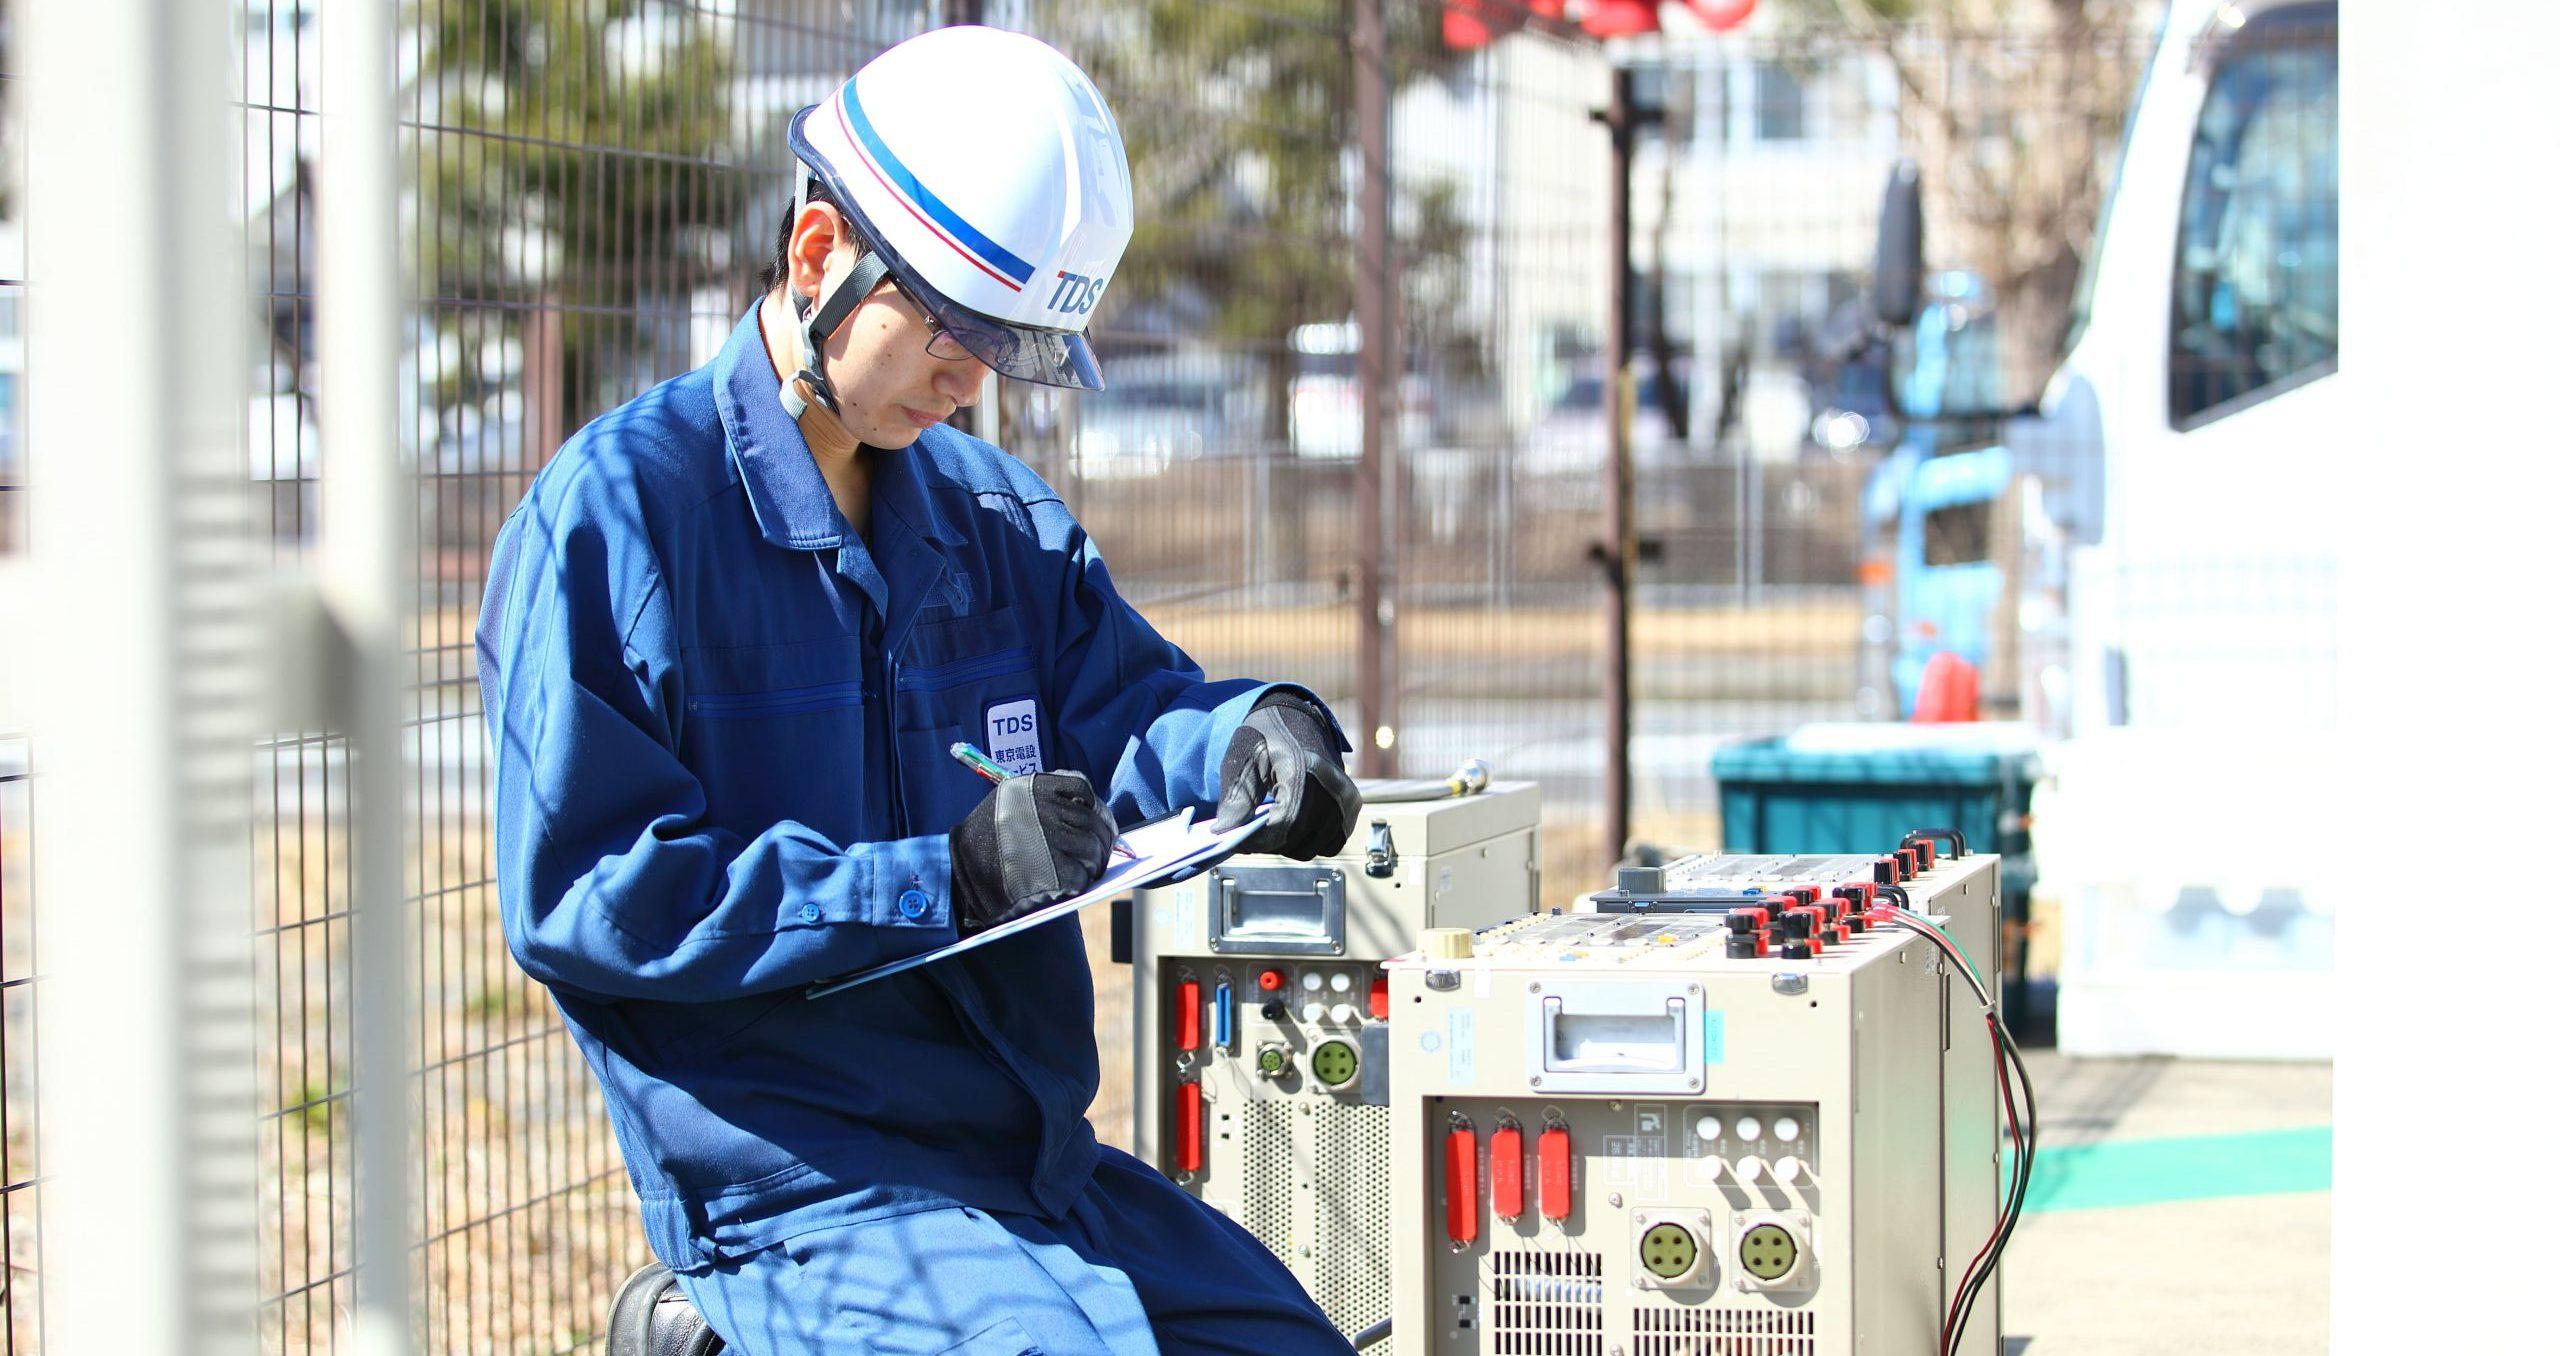 東京電設サービス株式会社(TDS)は、安全と品質の確保を最優先に、お客さまファーストのサービスをご提供しています。